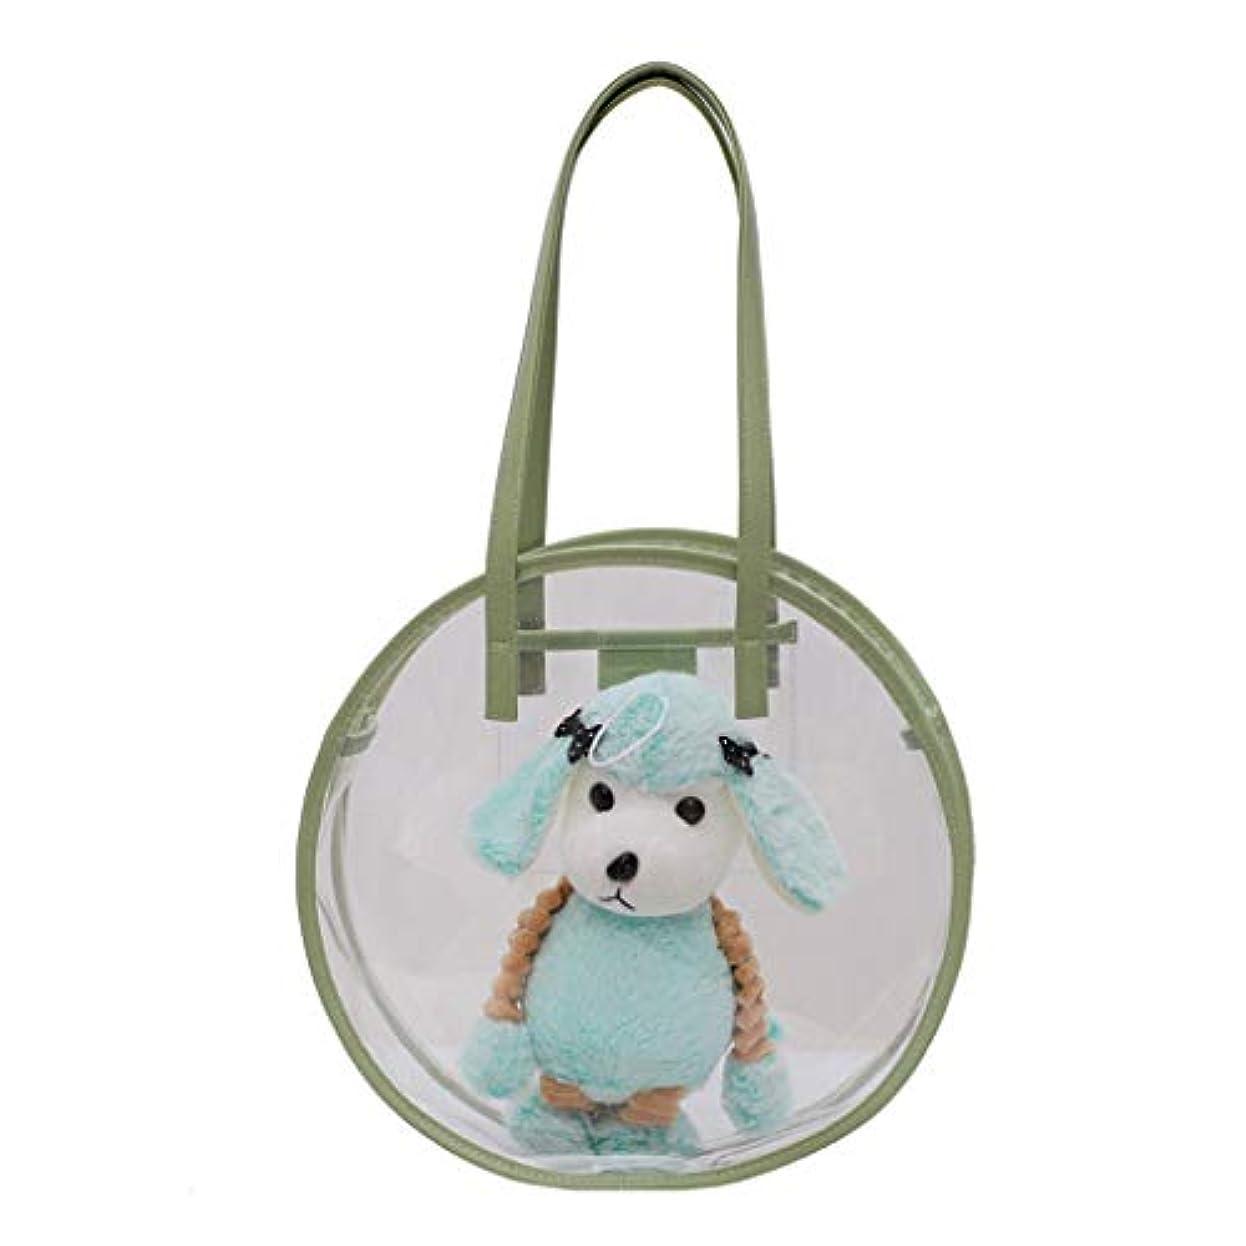 かわいいファッション 犬の特徴 透明防水 ビーチバッグ ポータブル 透明化粧品バッグ 旅行用メイクポーチ ジッパー 防水 トートバッグ 取り外し可能 調整 33X9X33cm 3色